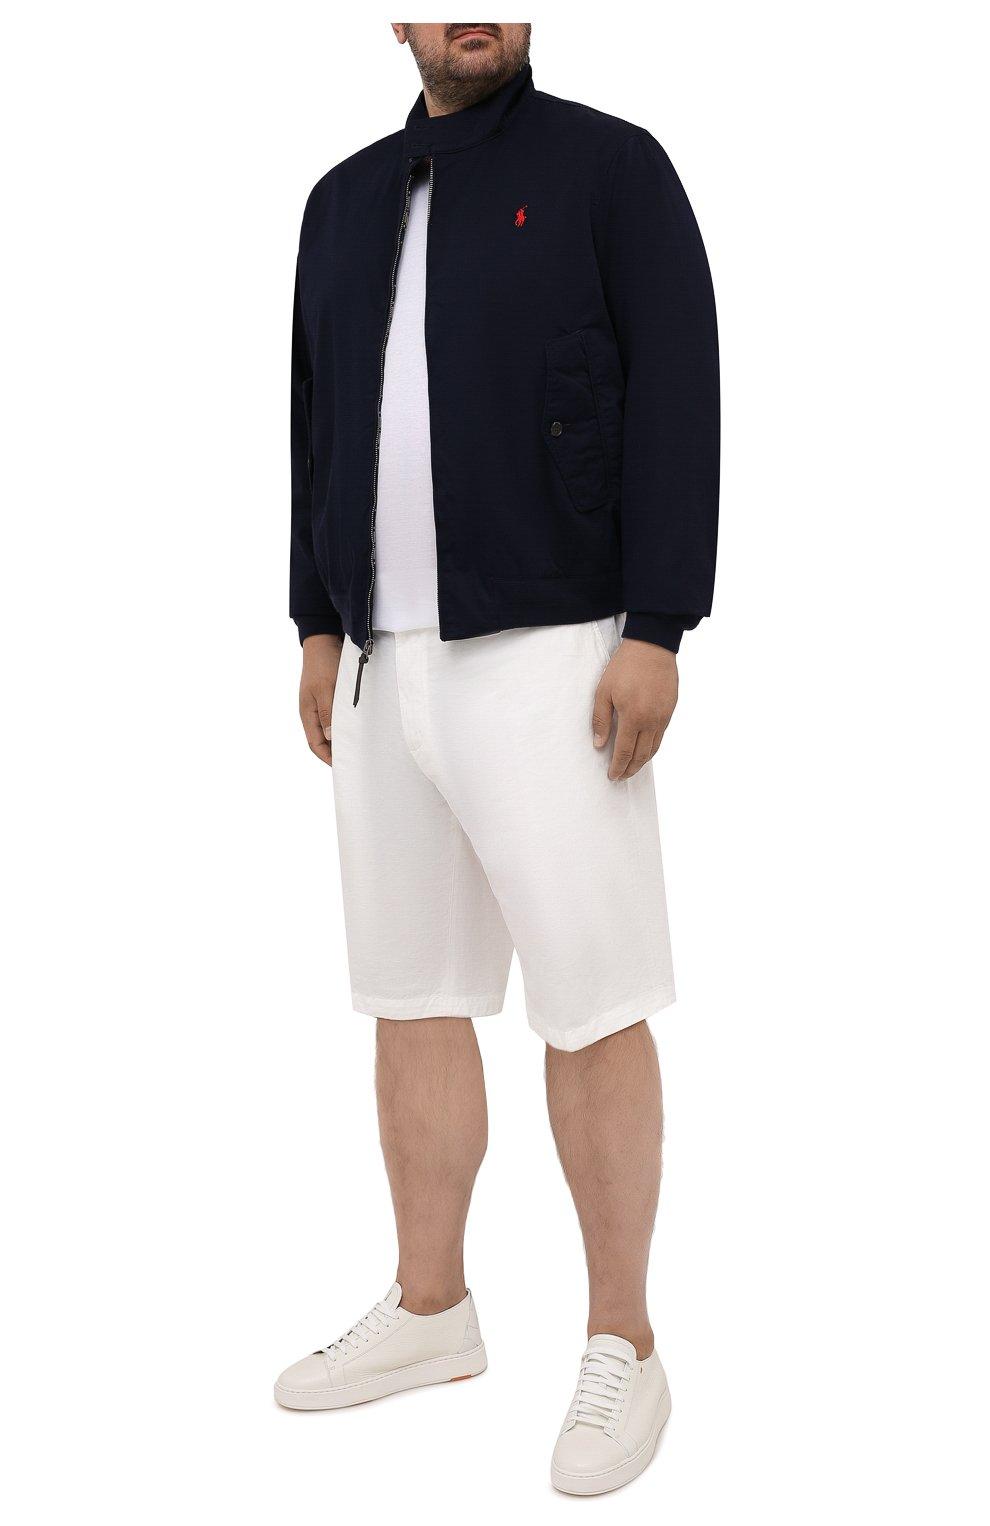 Мужской хлопковый бомбер POLO RALPH LAUREN темно-синего цвета, арт. 711776849/PRL BS   Фото 2 (Кросс-КТ: Куртка; Big sizes: Big Sizes; Рукава: Длинные; Принт: Без принта; Материал внешний: Хлопок; Длина (верхняя одежда): Короткие; Материал подклада: Хлопок; Стили: Кэжуэл)